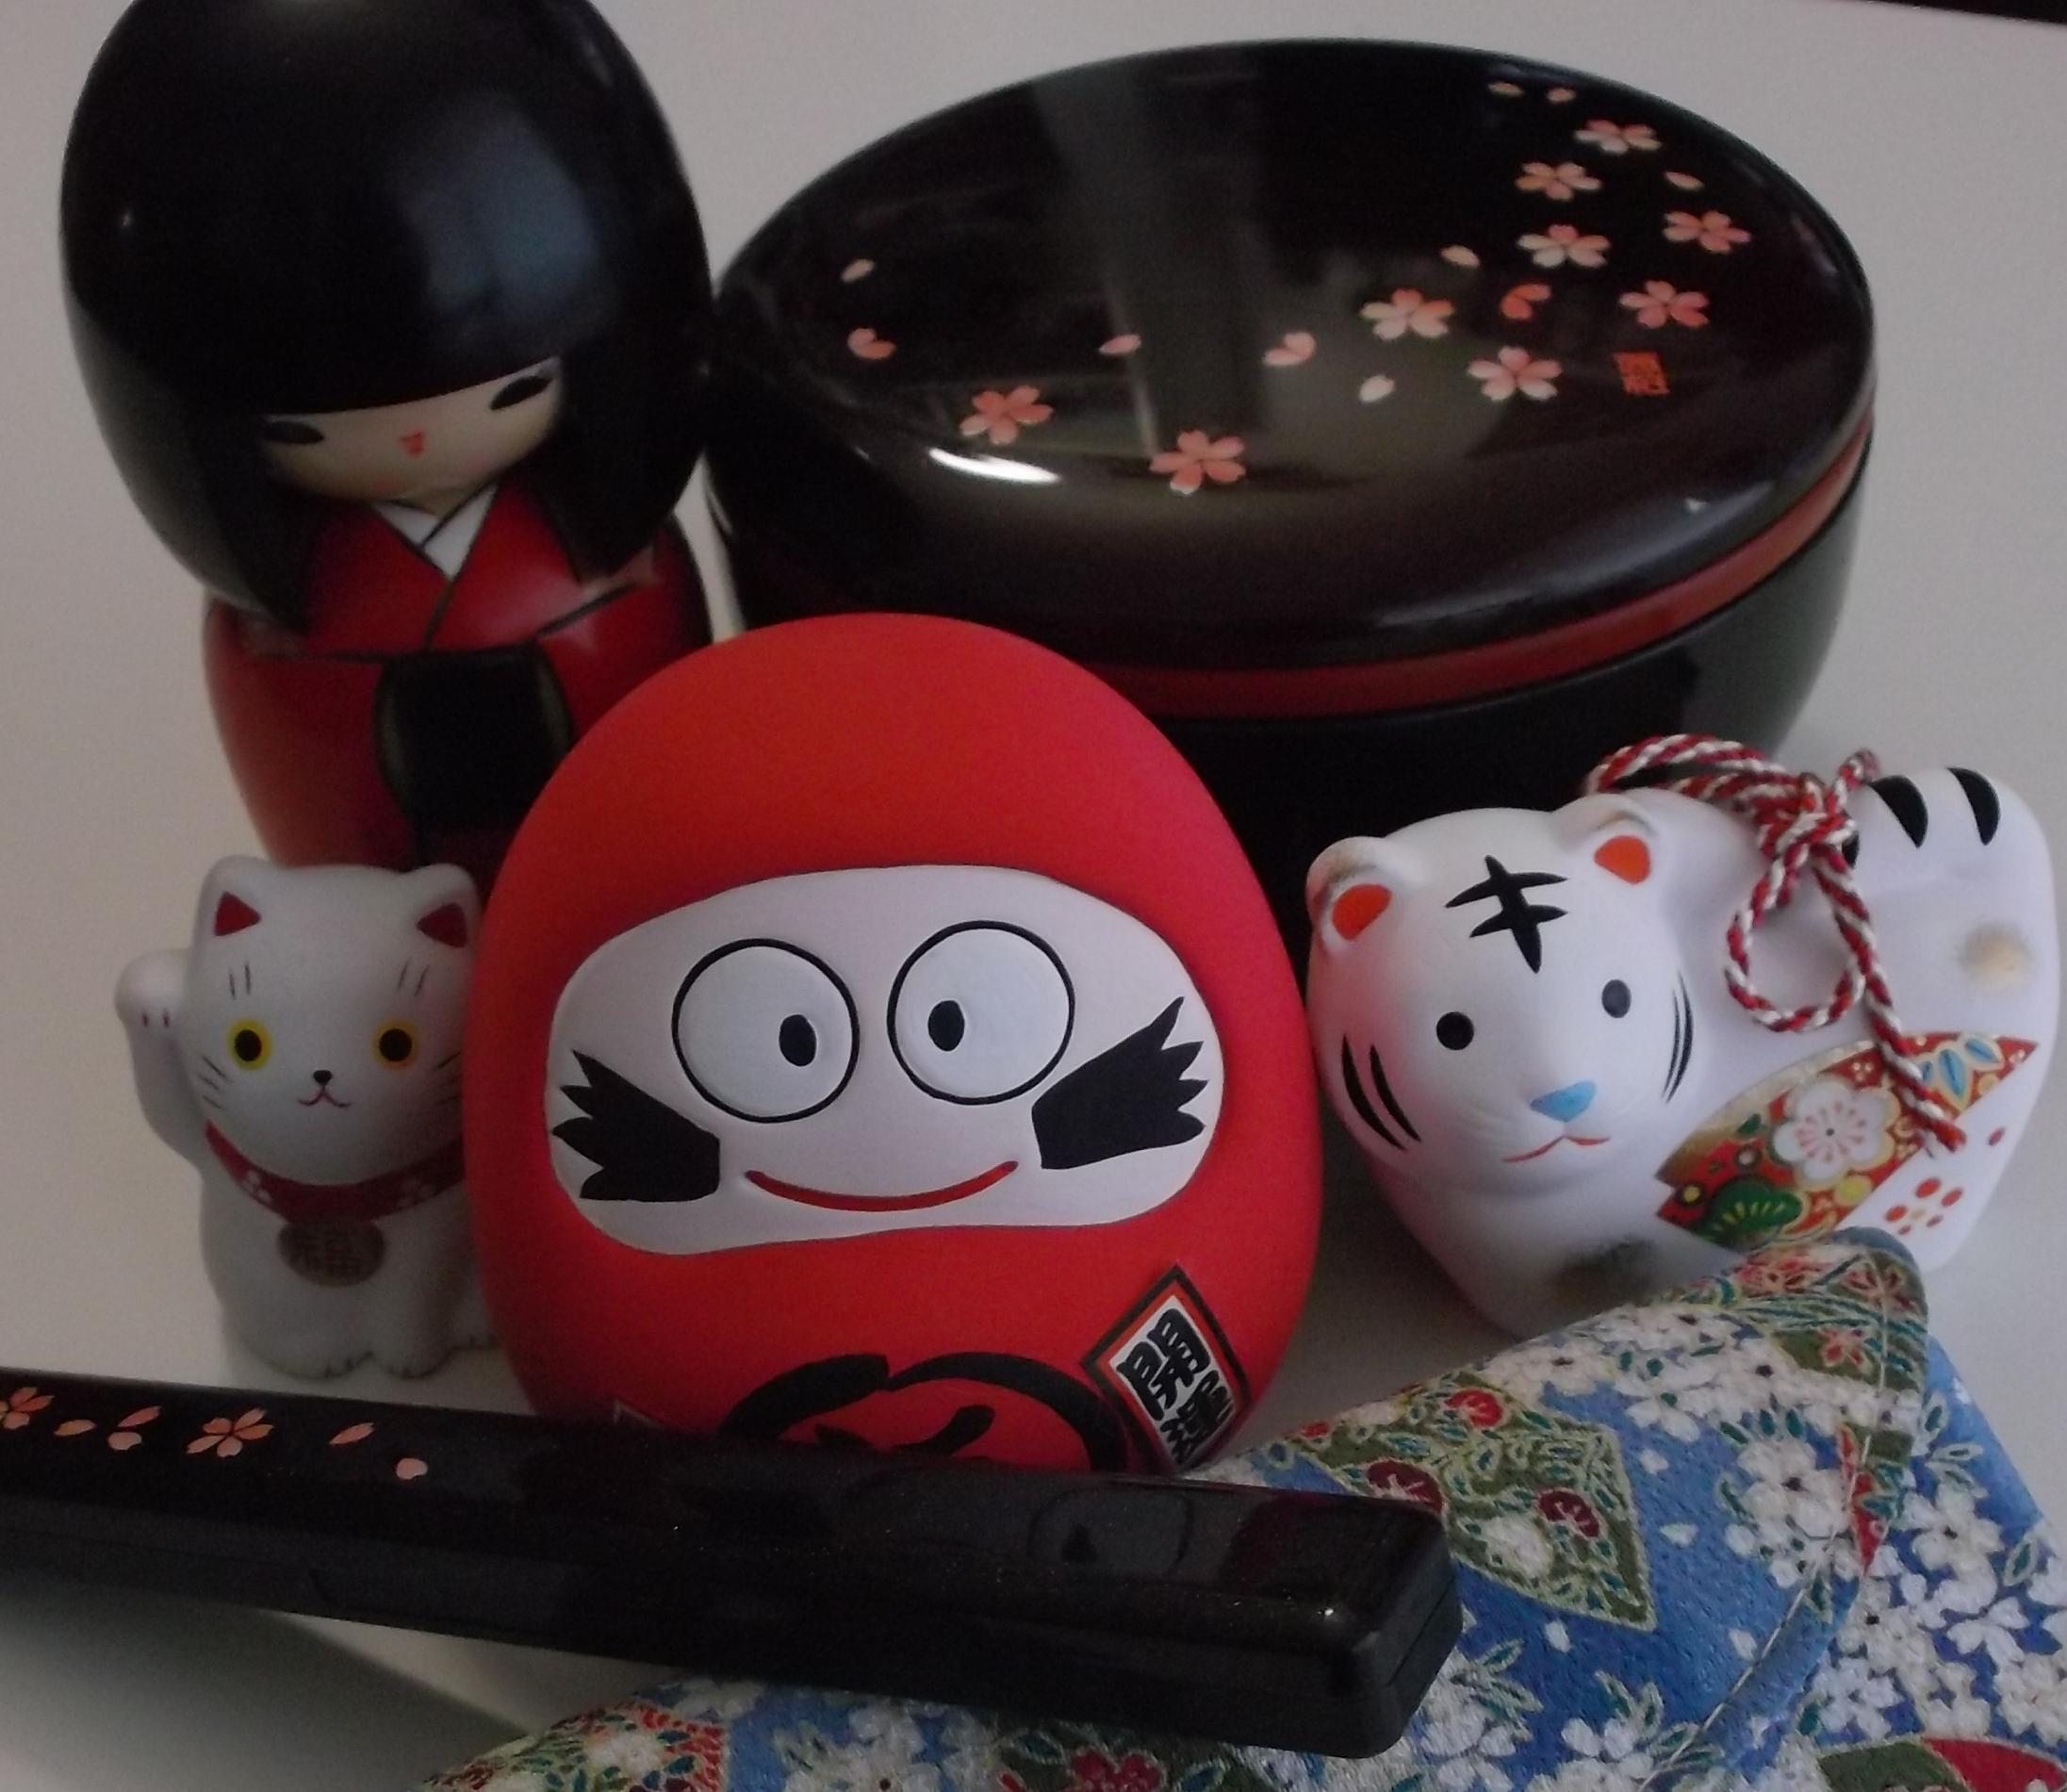 trouver des objets japonais pas chers | matcha et sakura